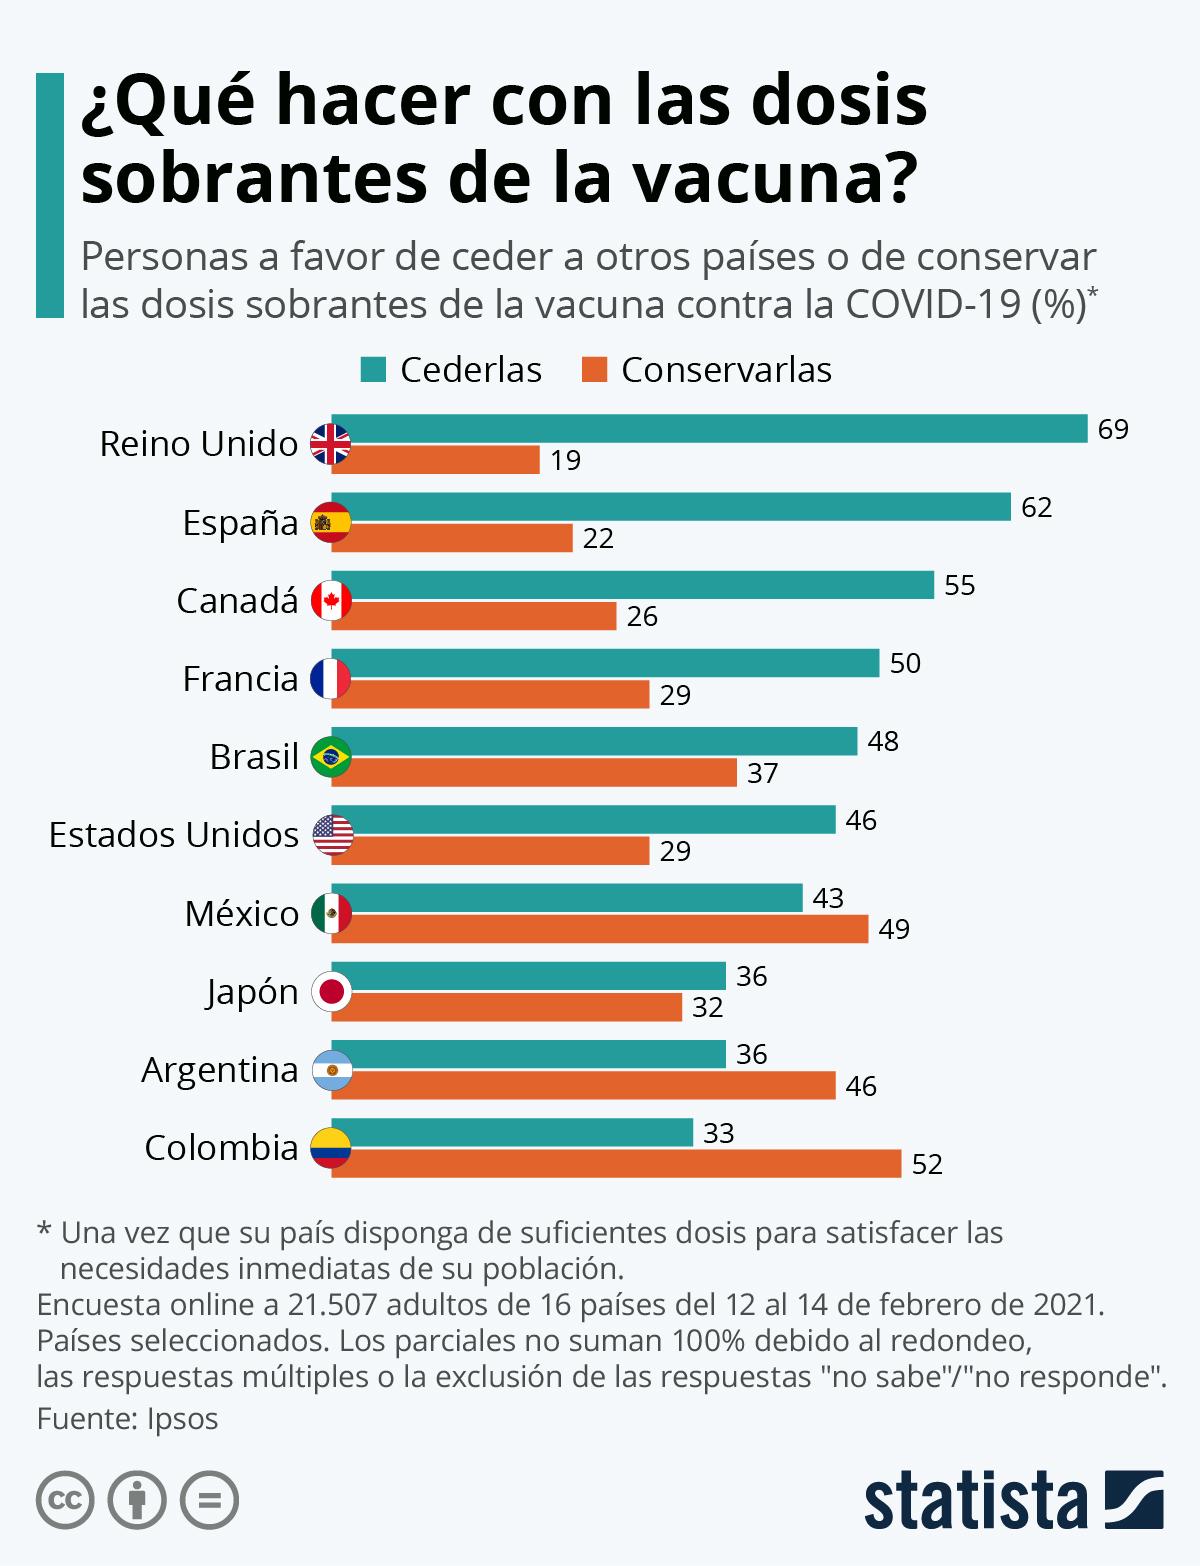 Infografía: ¿Ceder o conservar las dosis sobrantes de la vacuna anti COVID-19? | Statista